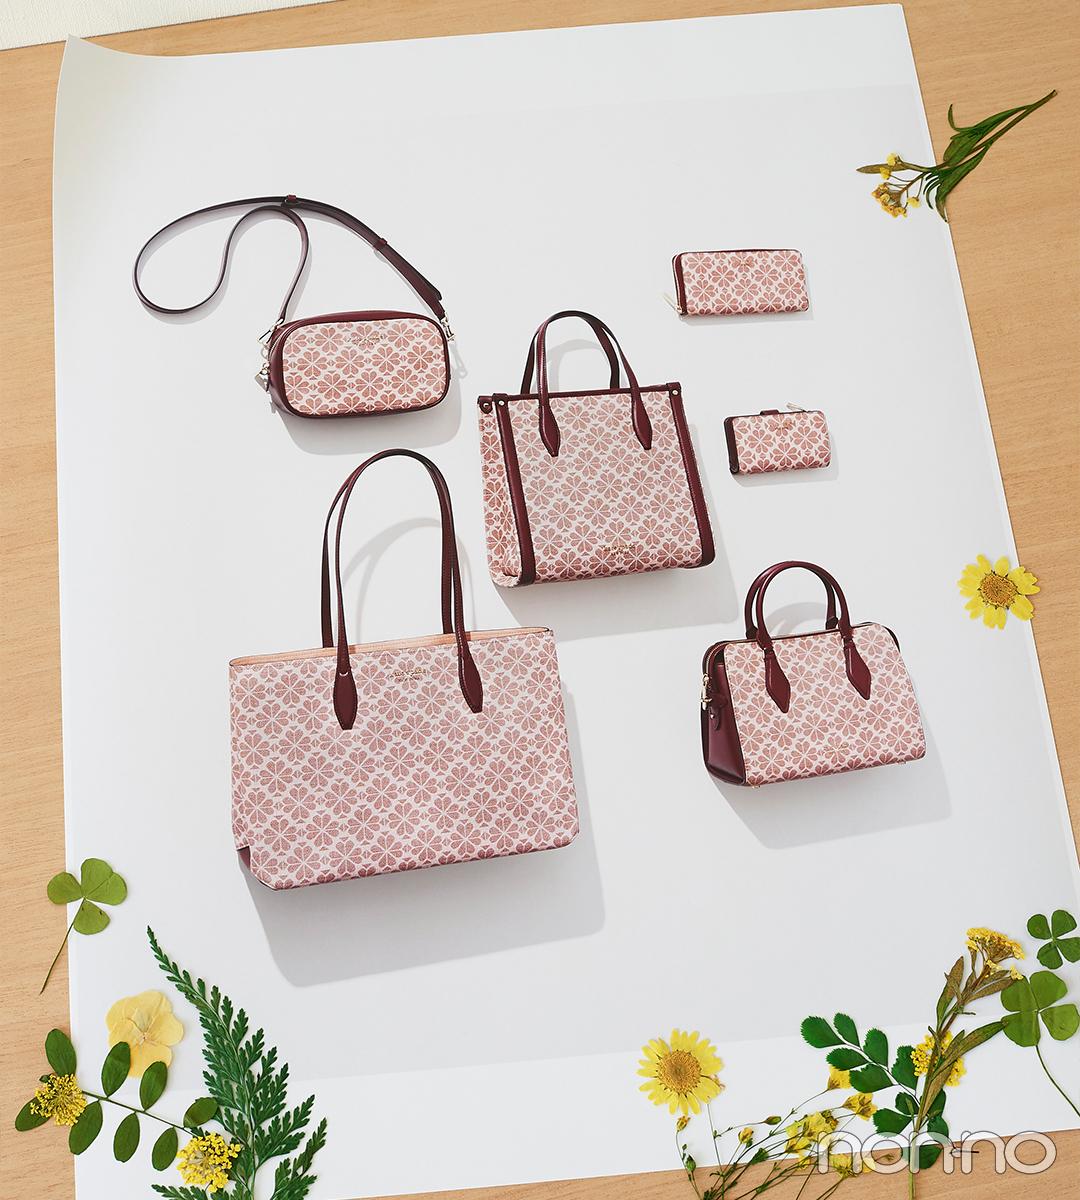 kate spade new yorkから「スペード フラワー」コレクションのバッグ&財布